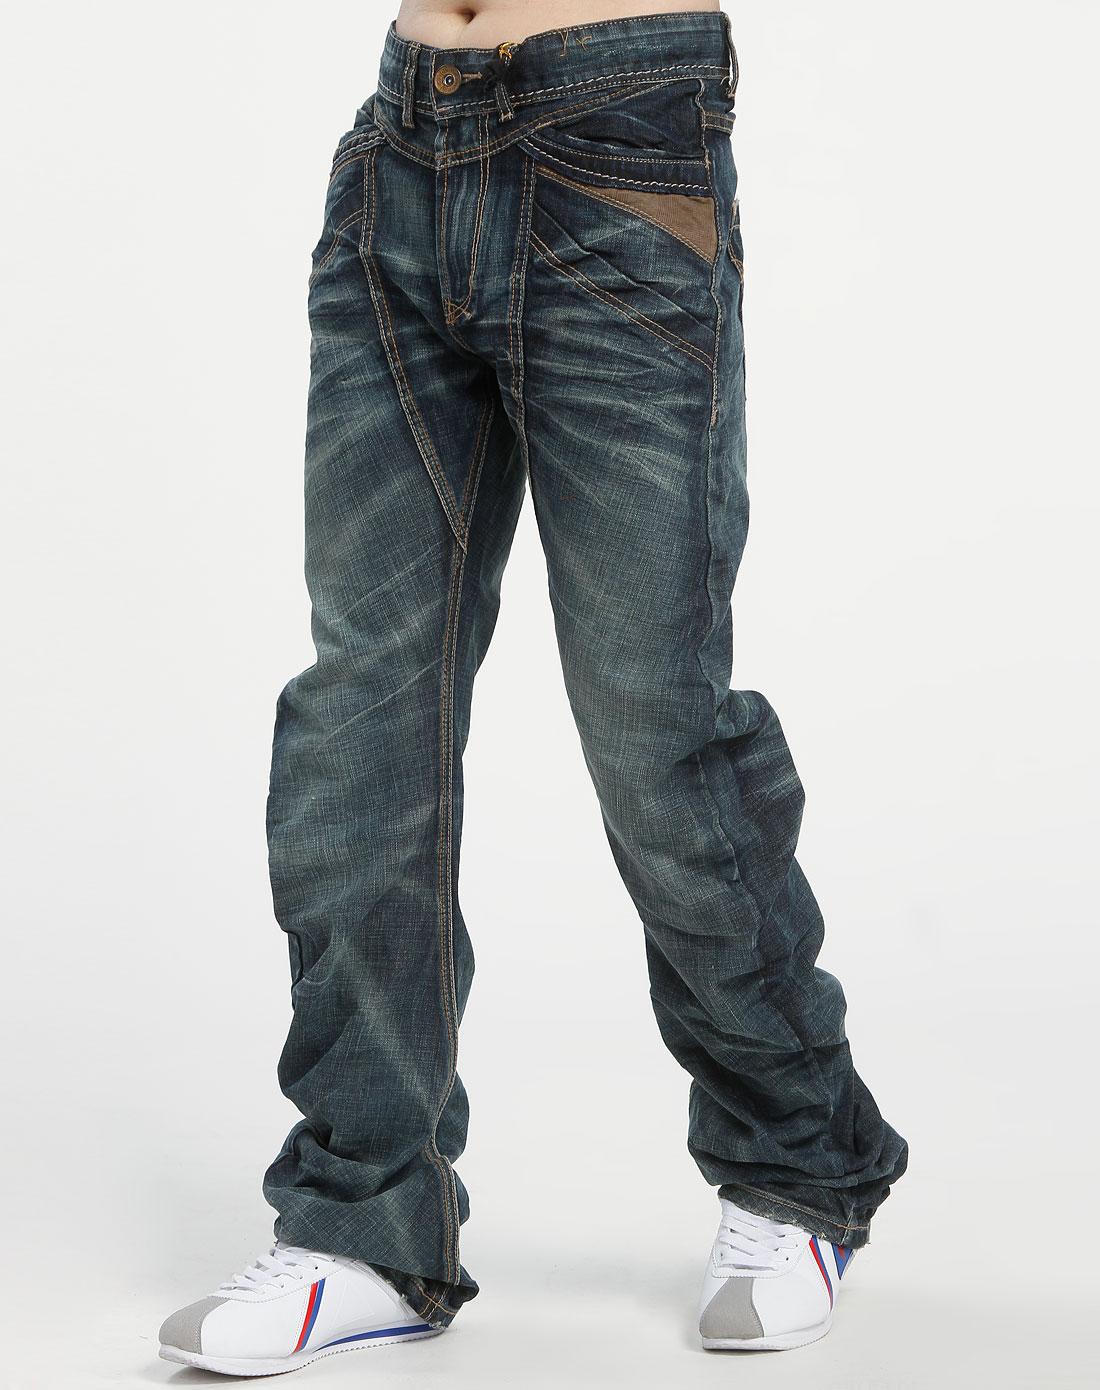 品牌tough 深蓝色牛仔长裤